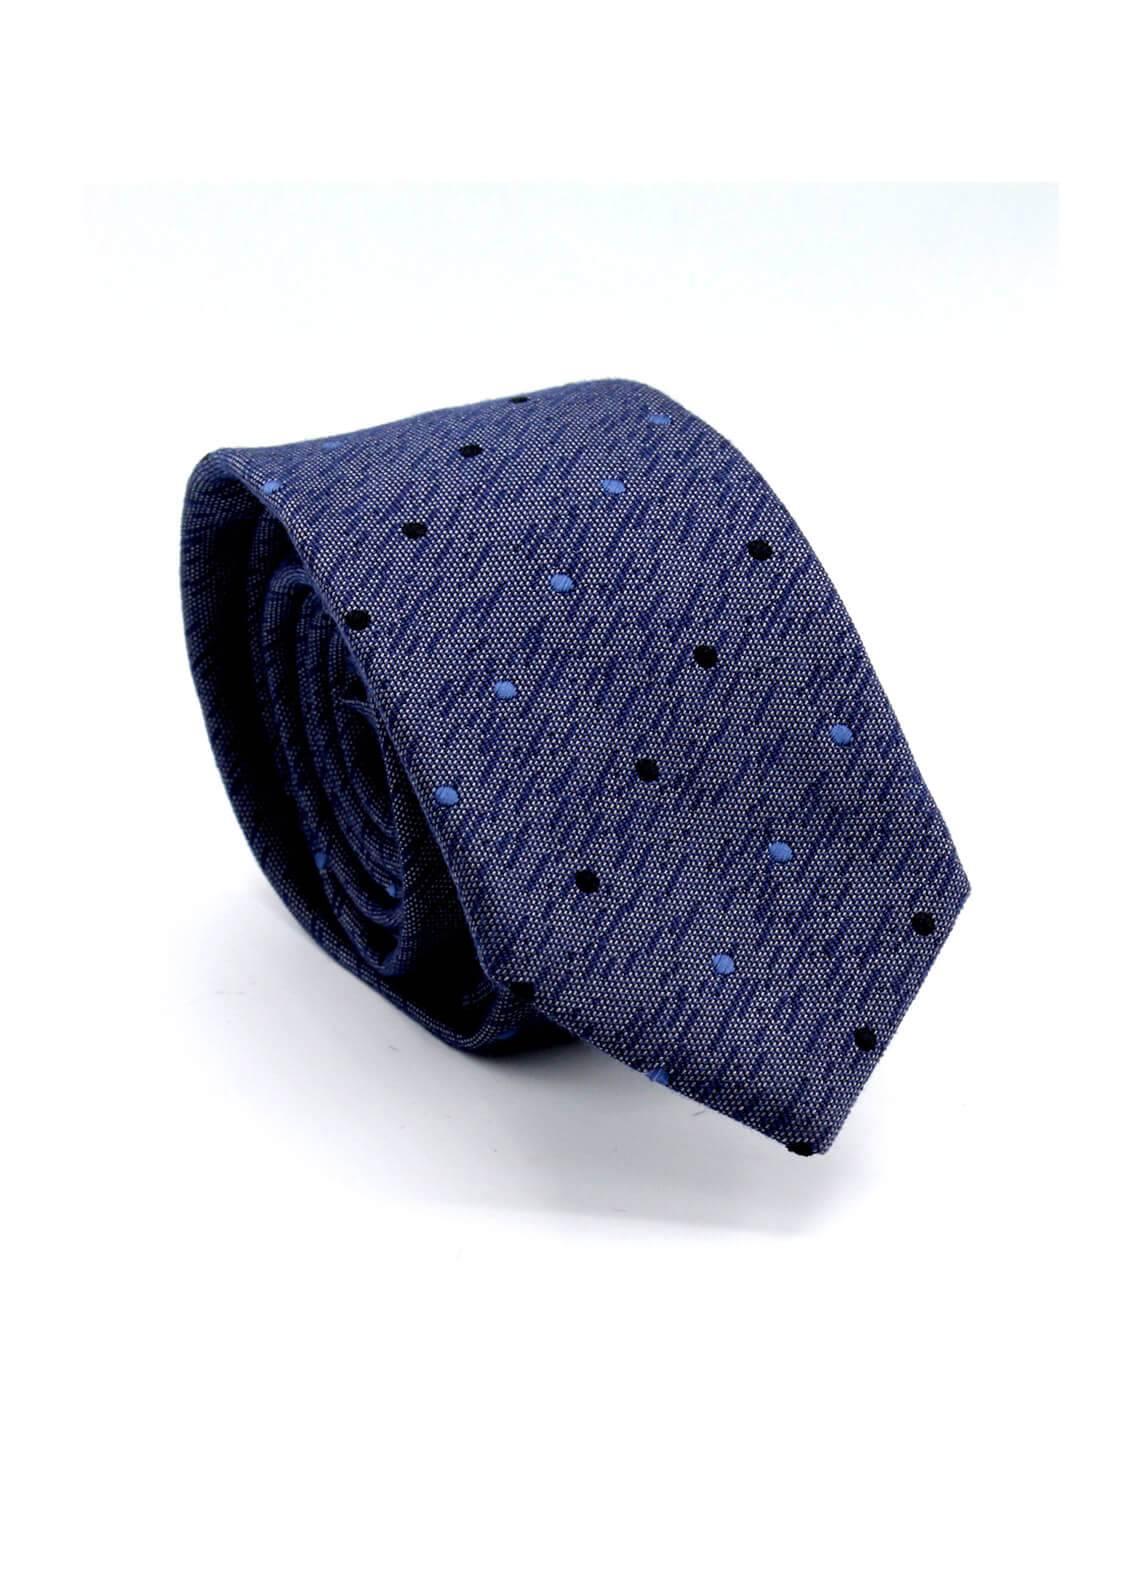 Skangen Multi-Patterned Wool Neck Tie Neck Tie SKTI-S-014 -